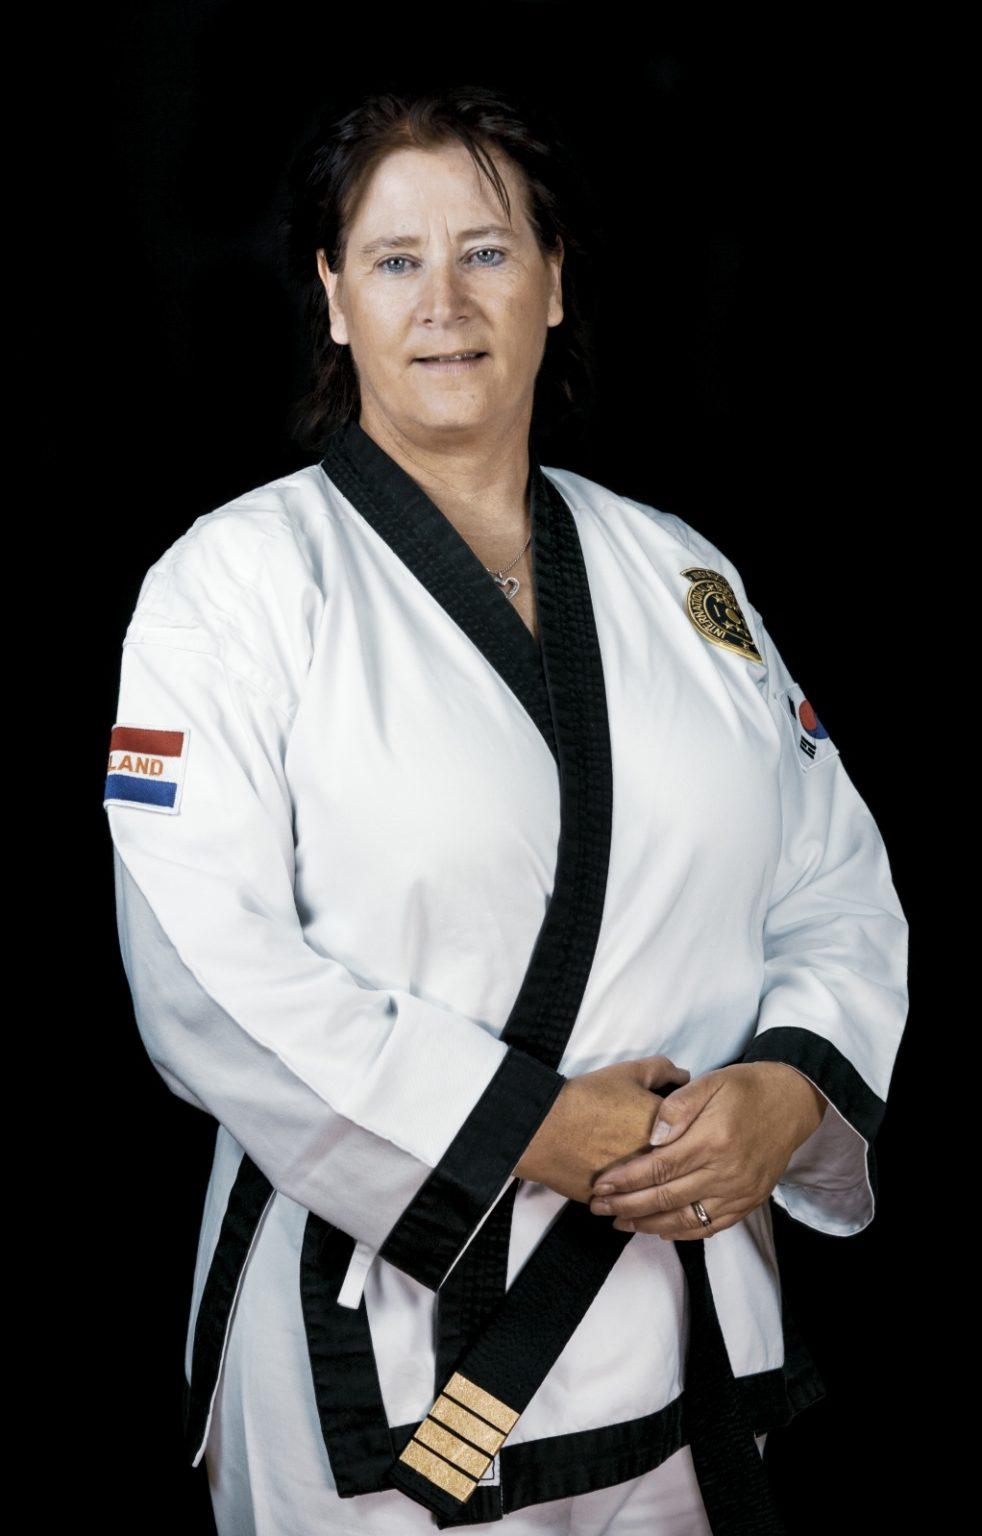 Cohausz Katharina klein